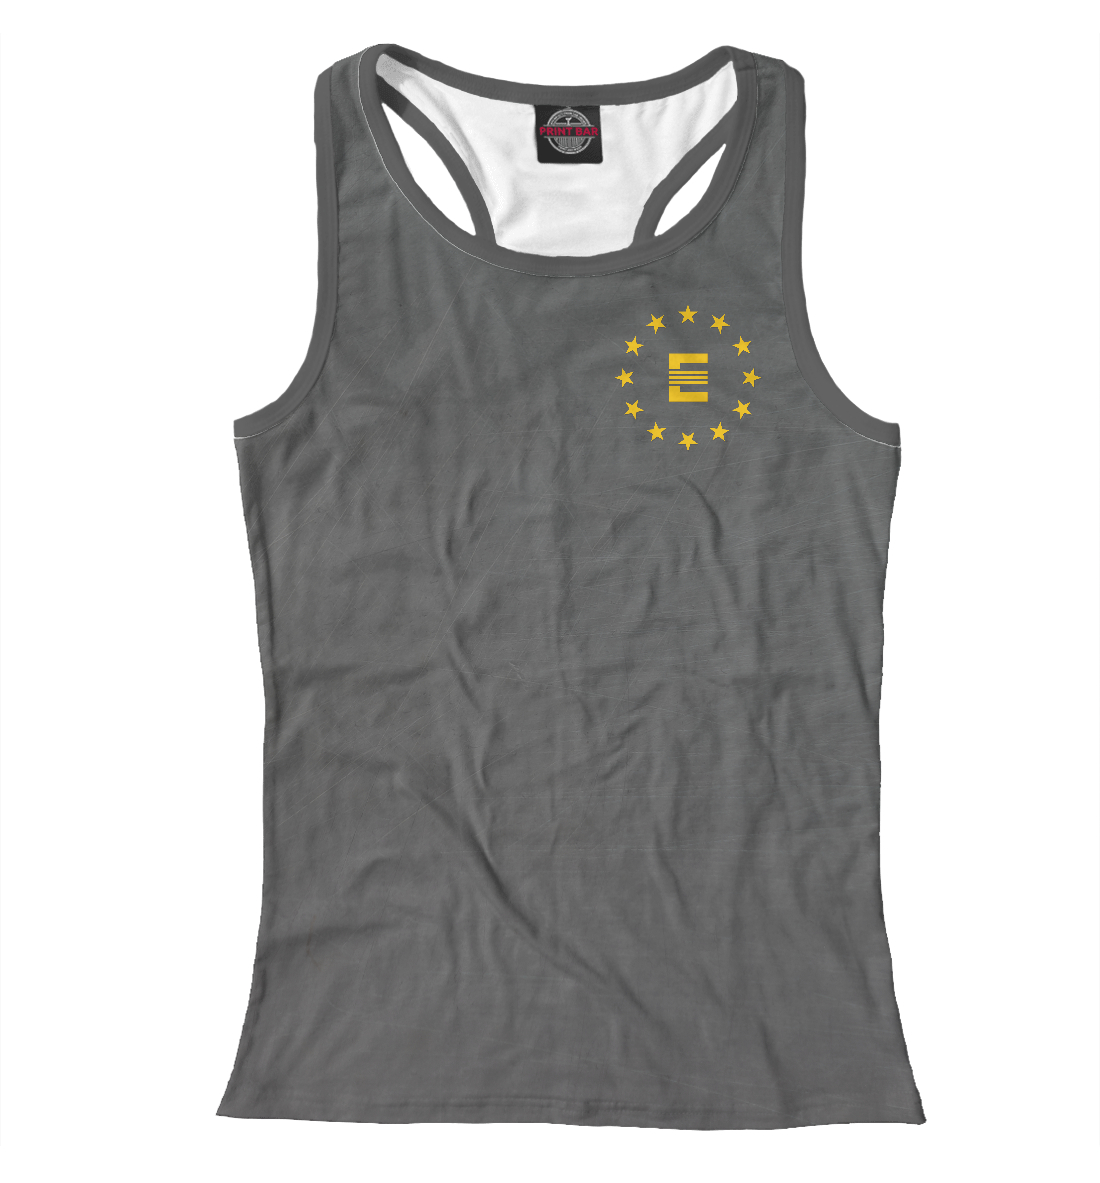 Купить Анклав [Enclave] - офицерская форма, Printbar, Майки борцовки, FOT-824771-mayb-1